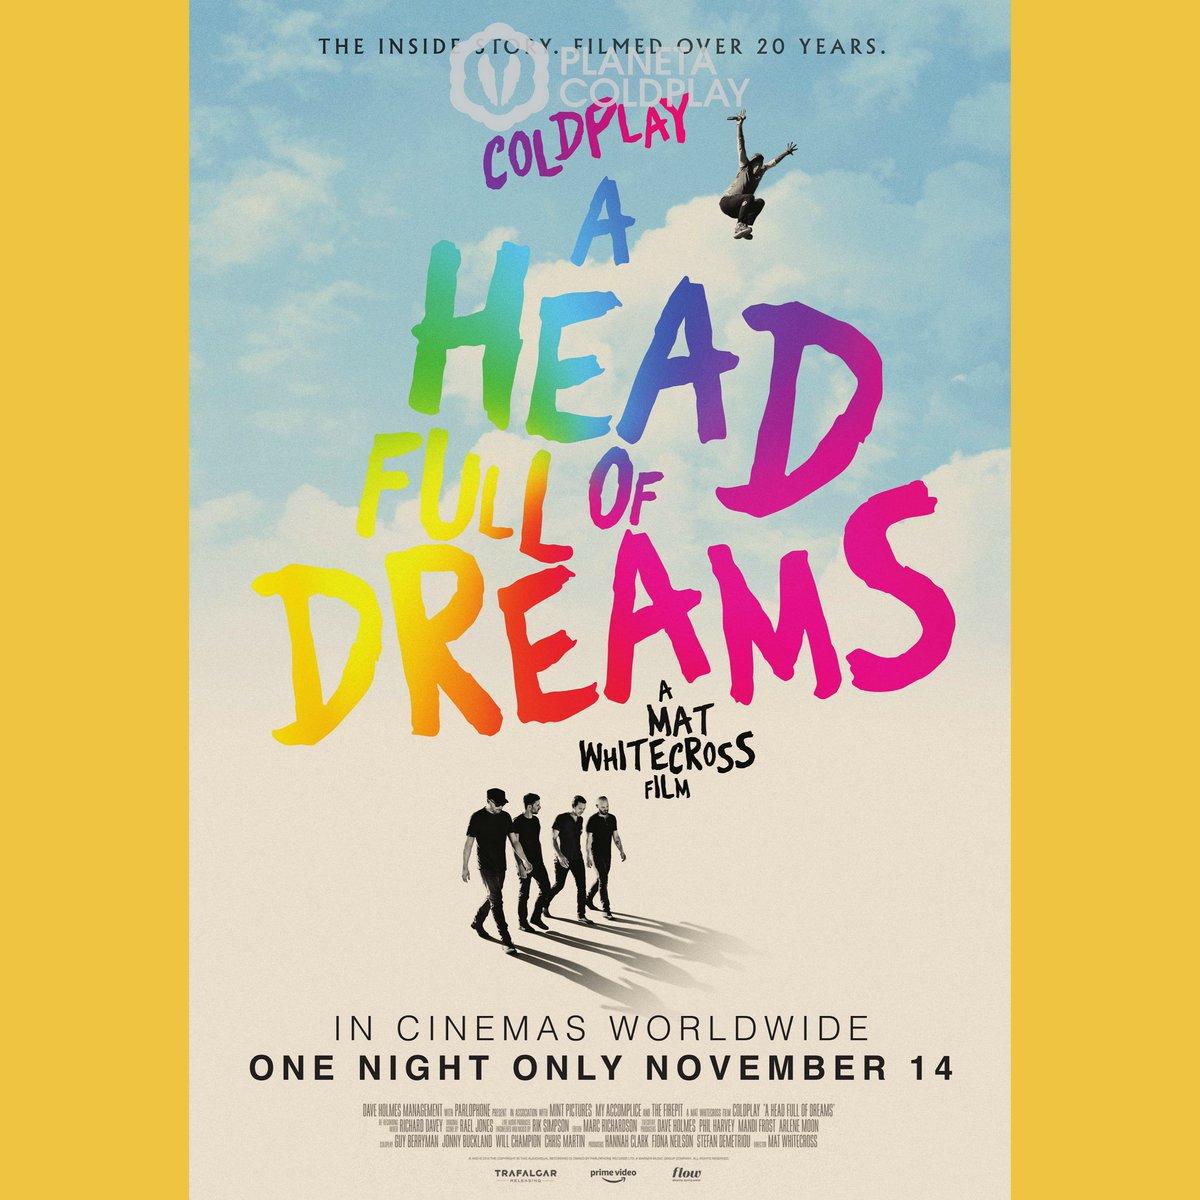 🎞 Aniversario: 14 de Noviembre de 2018 🎬 Estreno del documental 'A Head Full Of Dreams'  ✳️ Hoy se cumplen dos años desde el estreno del increíble documental que retrata la historia de la banda, desde sus inicios en 1998 hasta lo que fue el final del #AHFODtour.